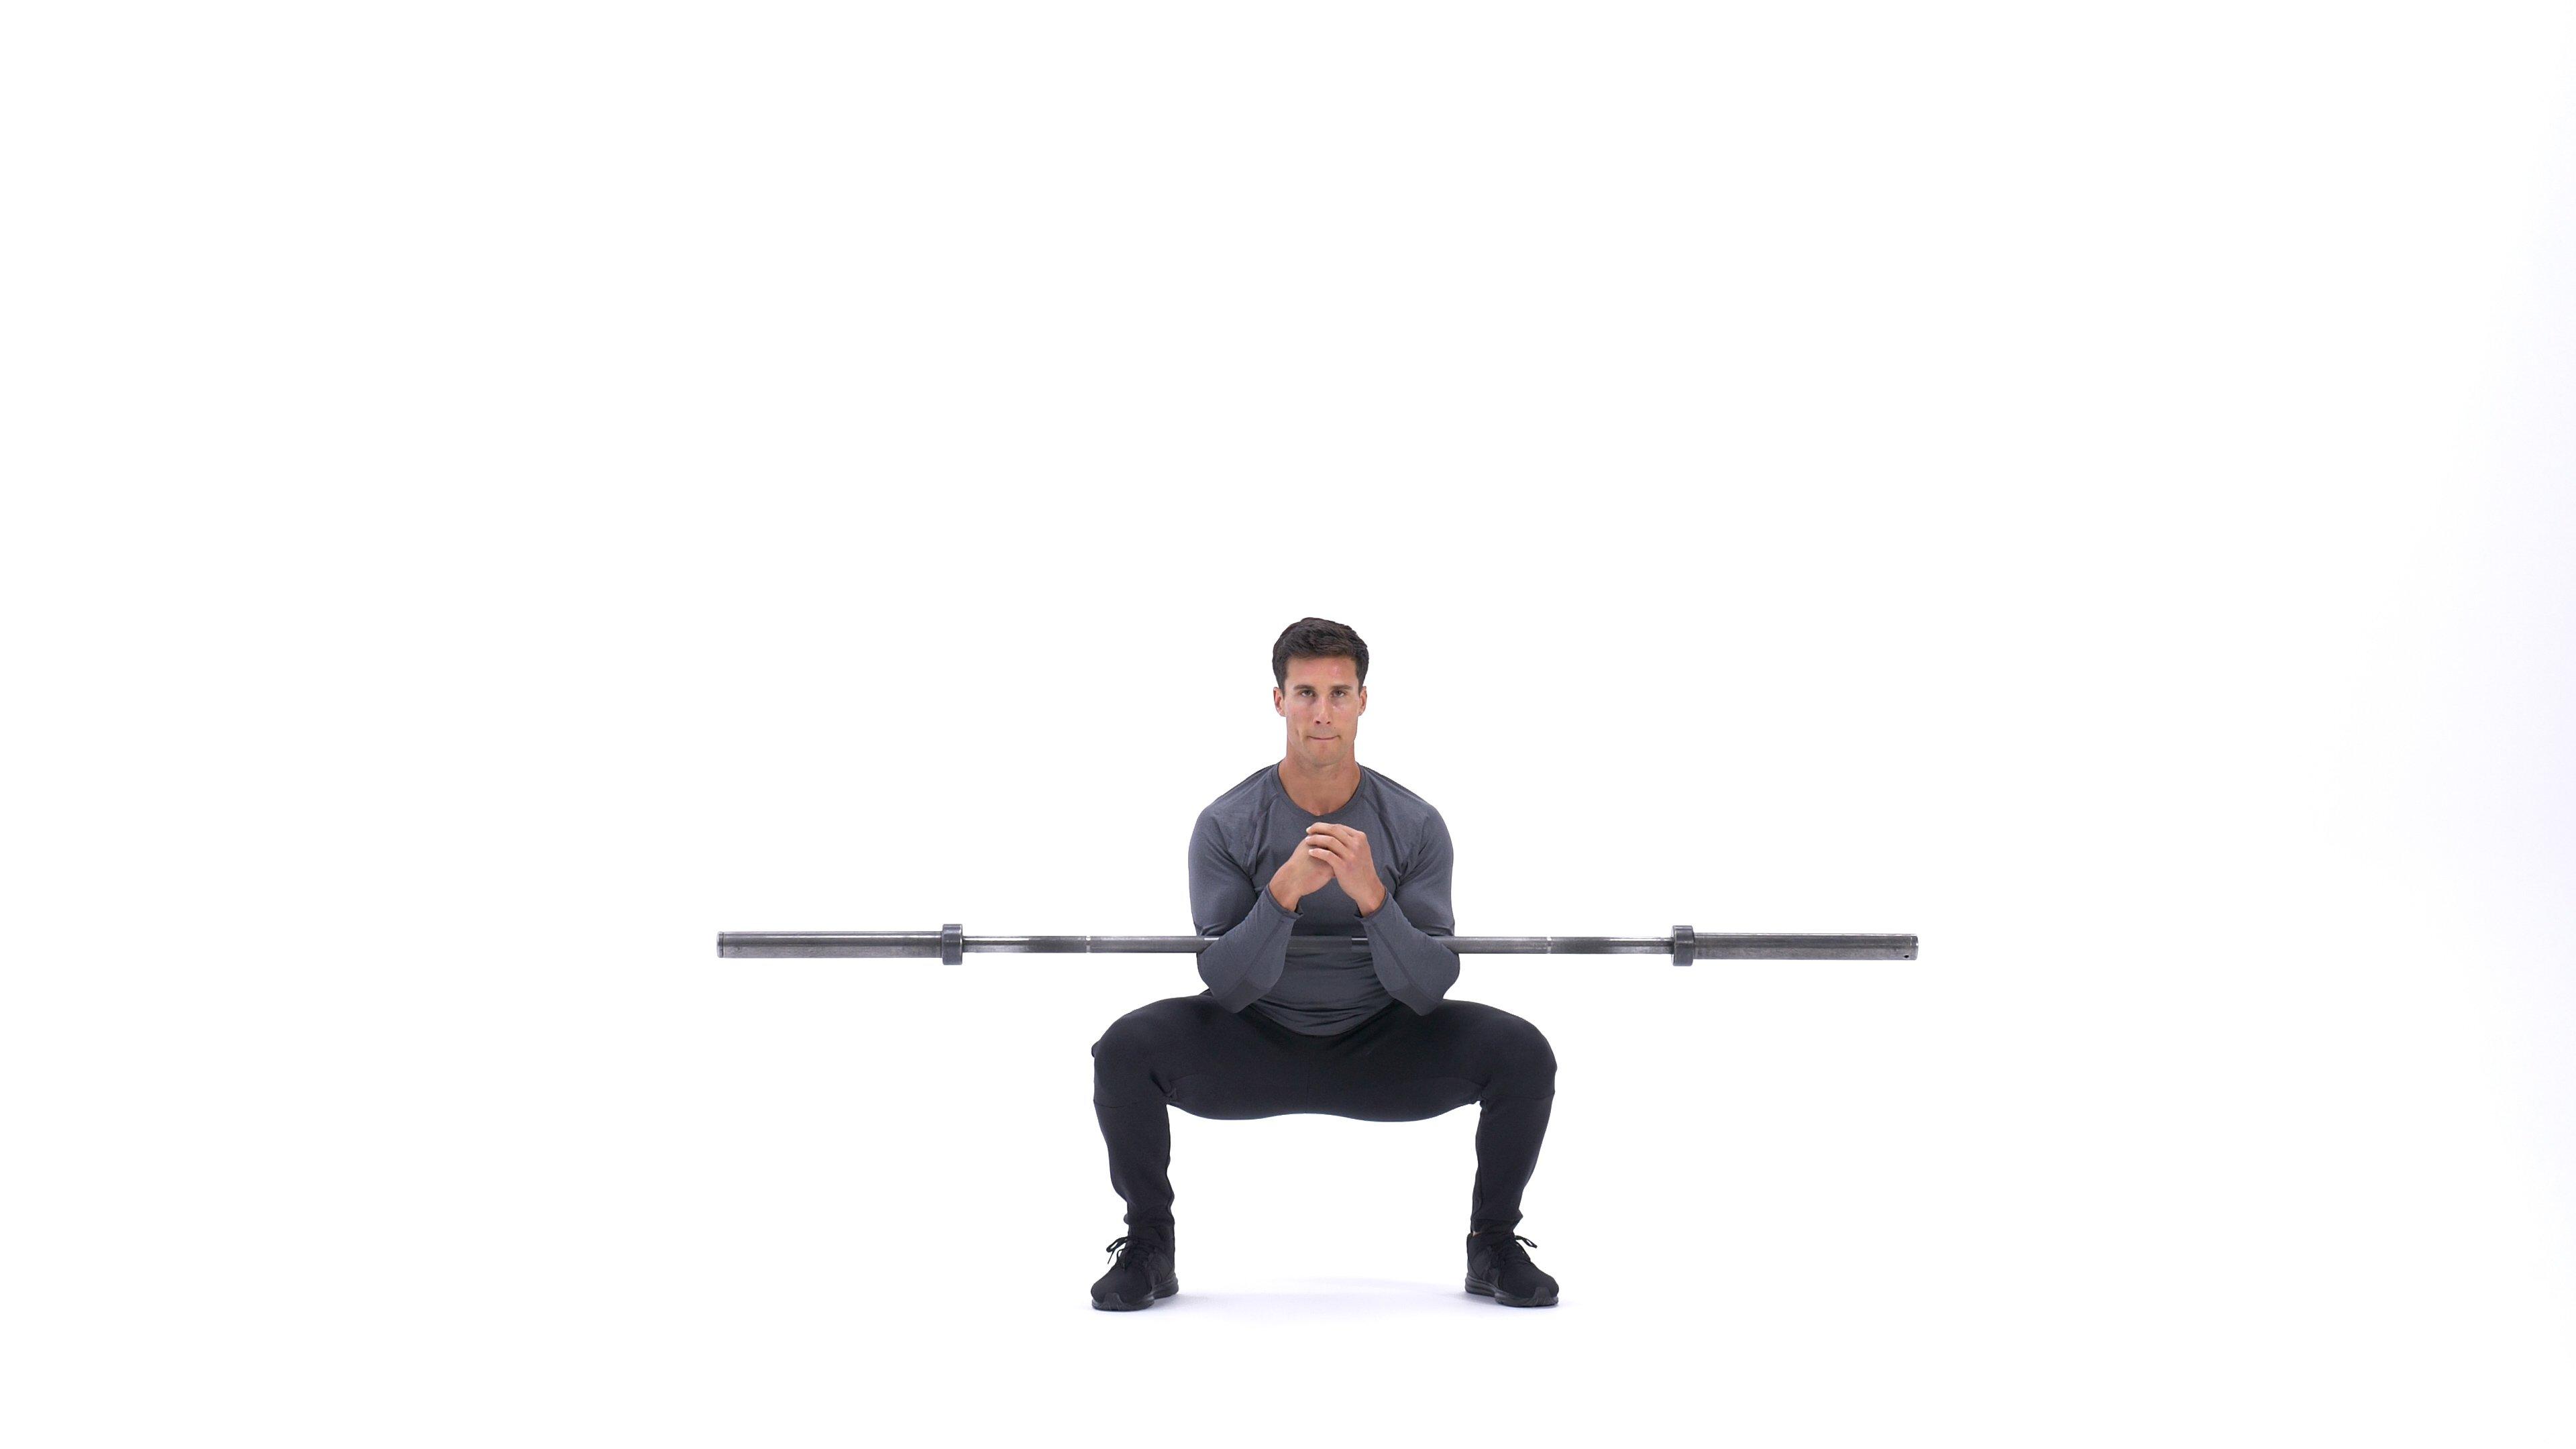 Zercher Squat Exercise Videos Guides Bodybuilding Com